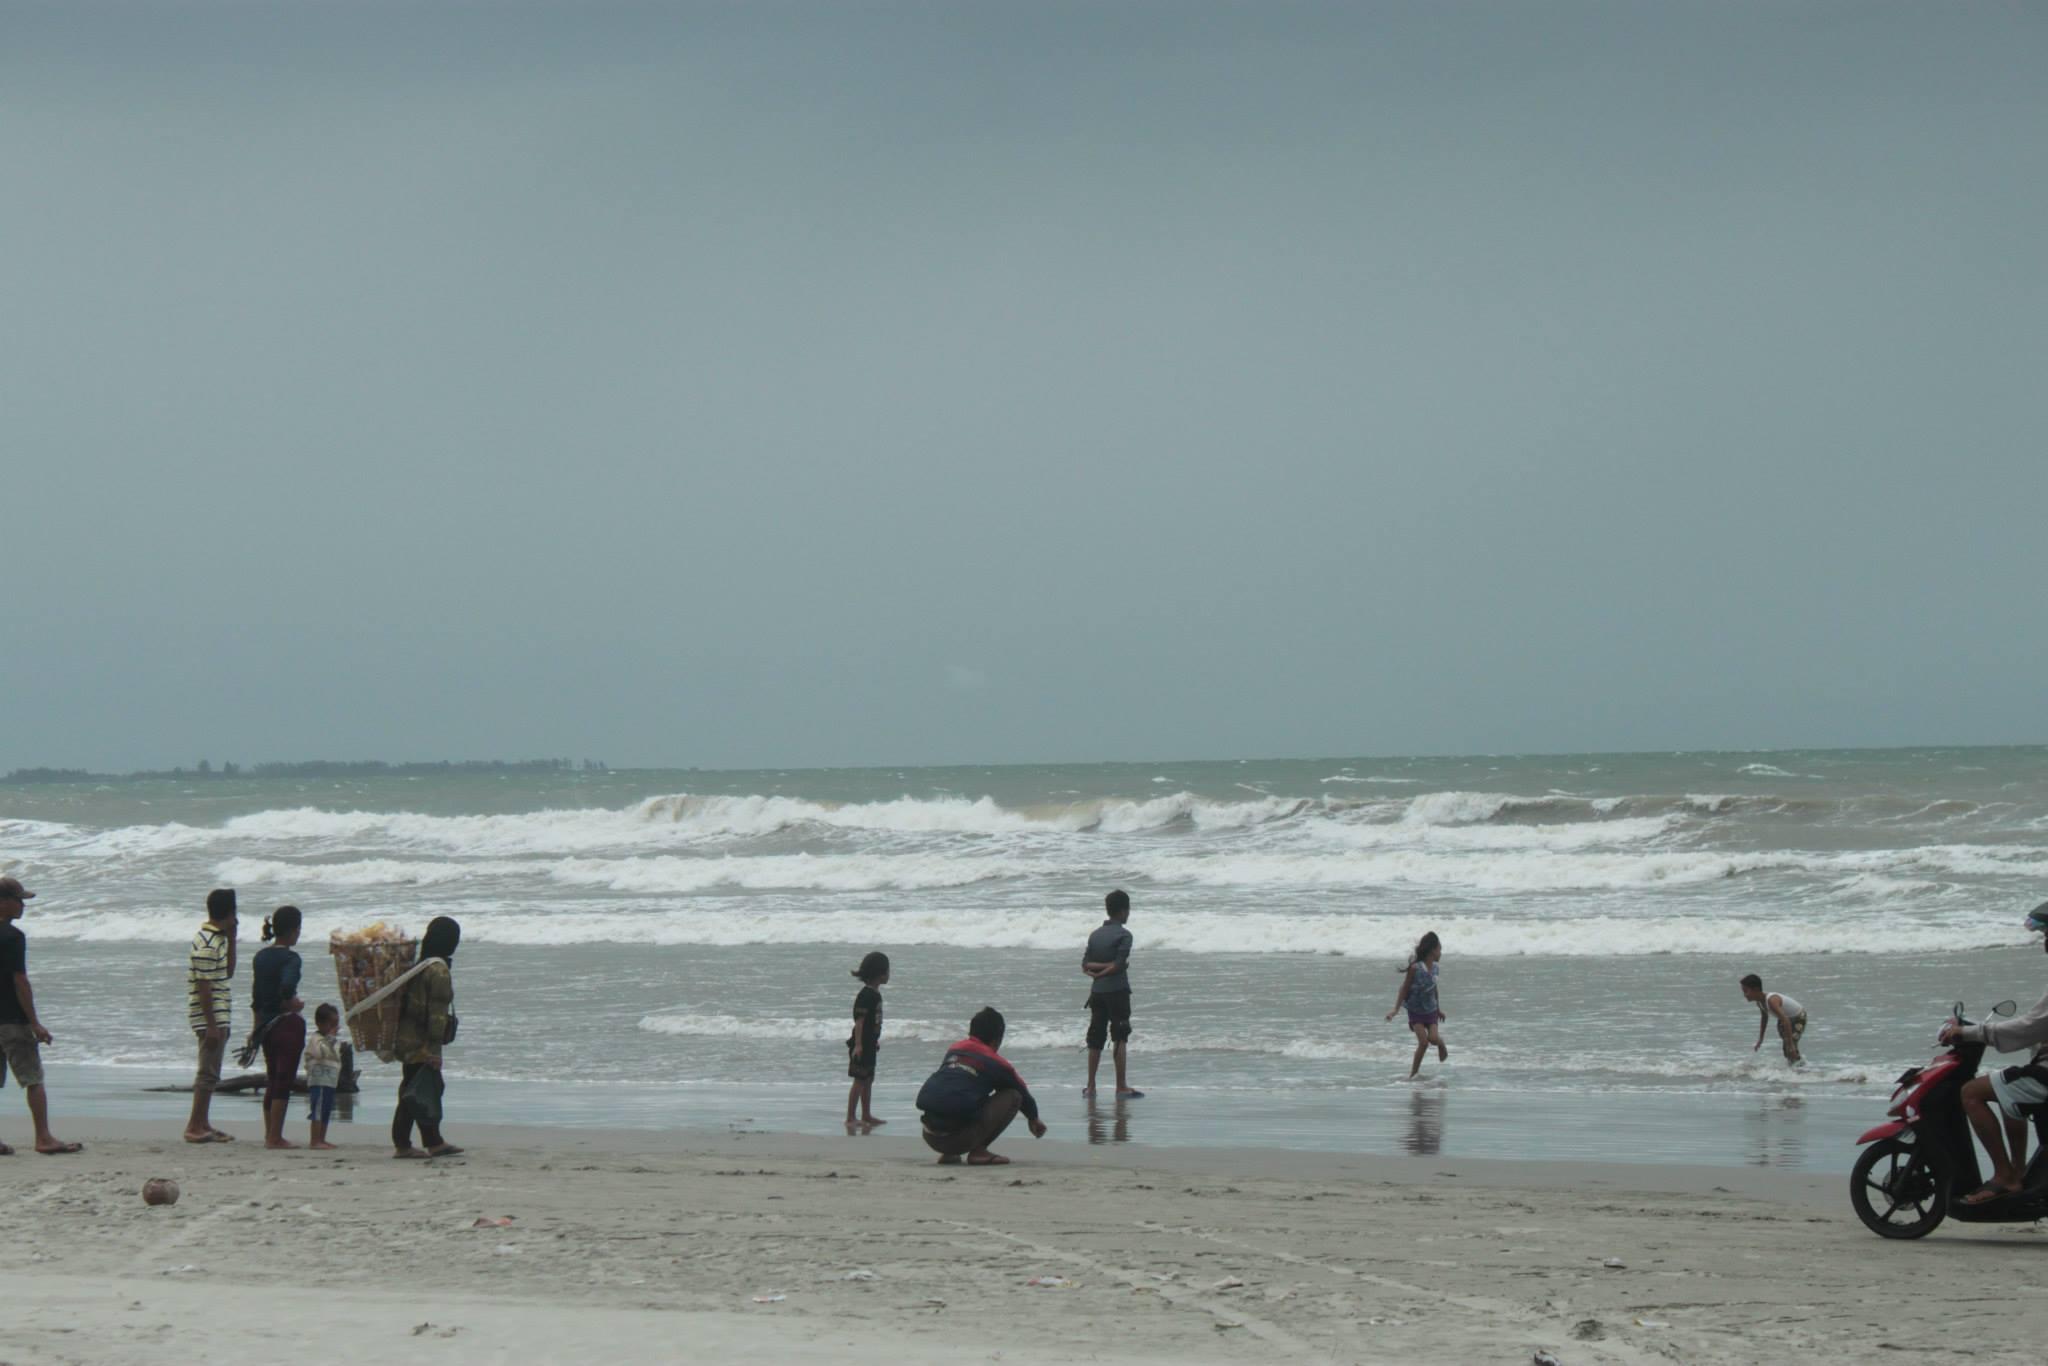 pantai panjang di bengkulu